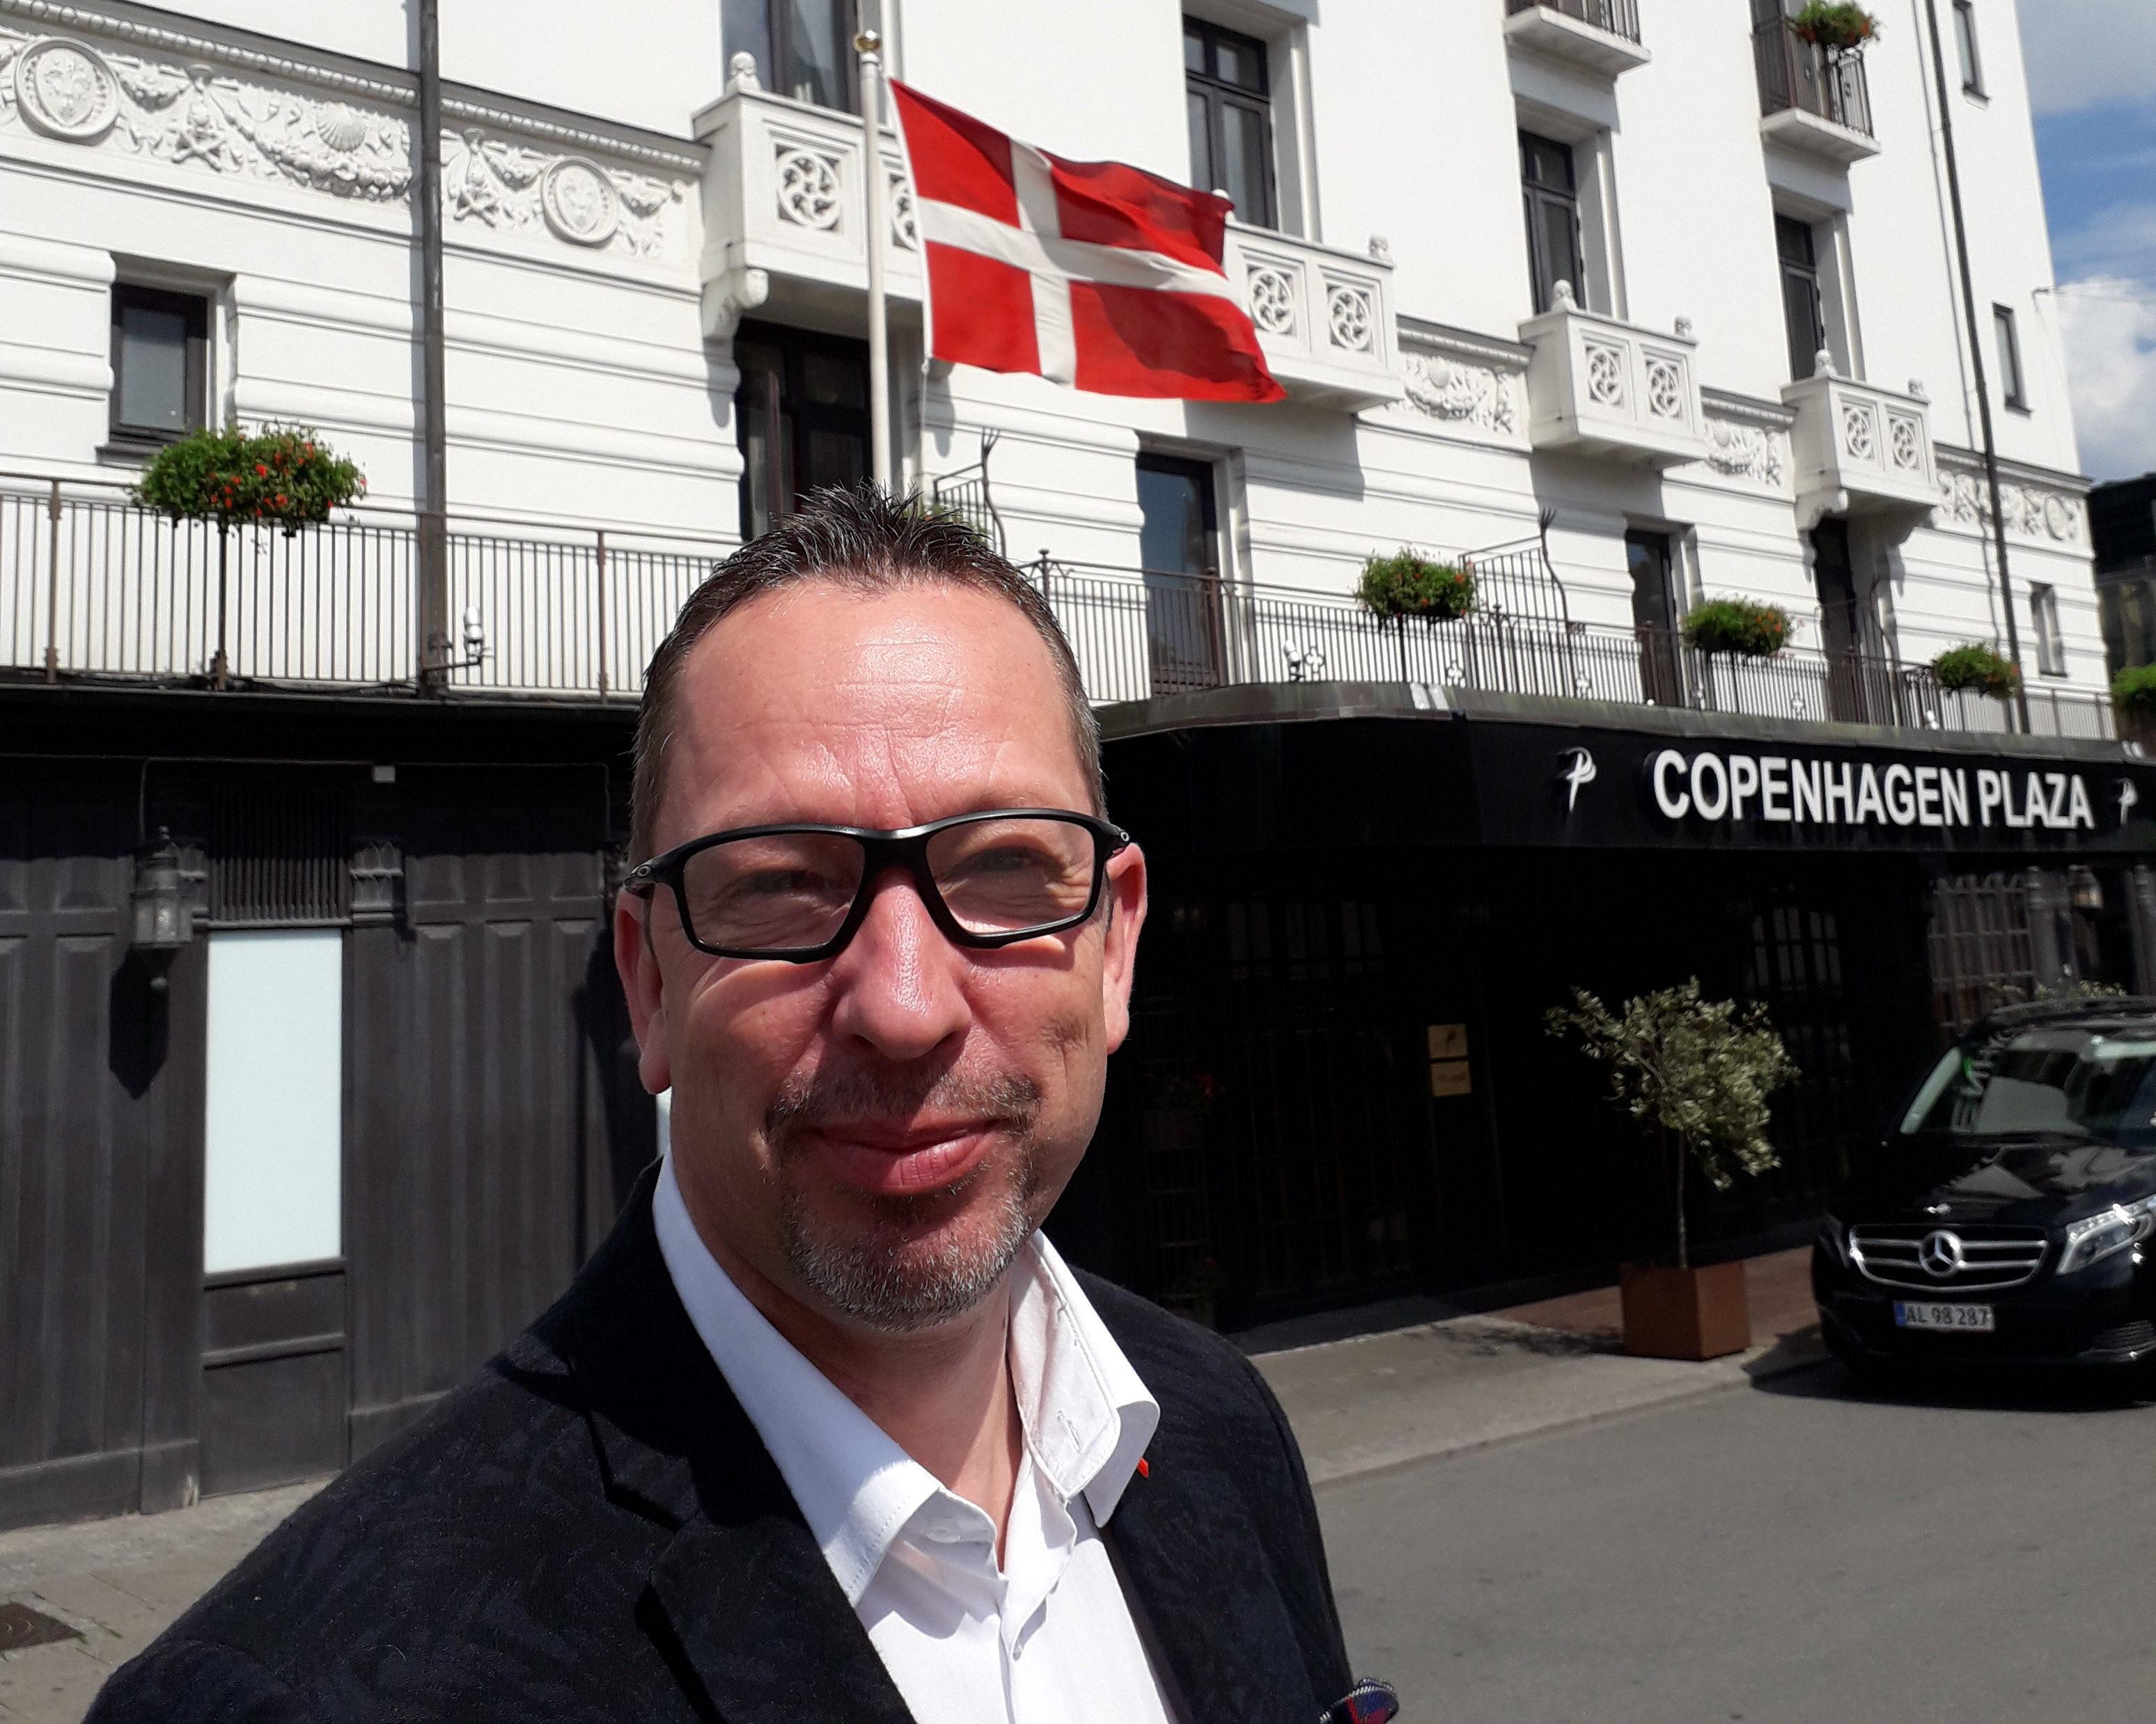 Den nye danske salgschef for Ligula Hospitality Group, Hans Nis-Hanssen, foran Copenhagen Plaza. Foto: Ligula Hospitality Group